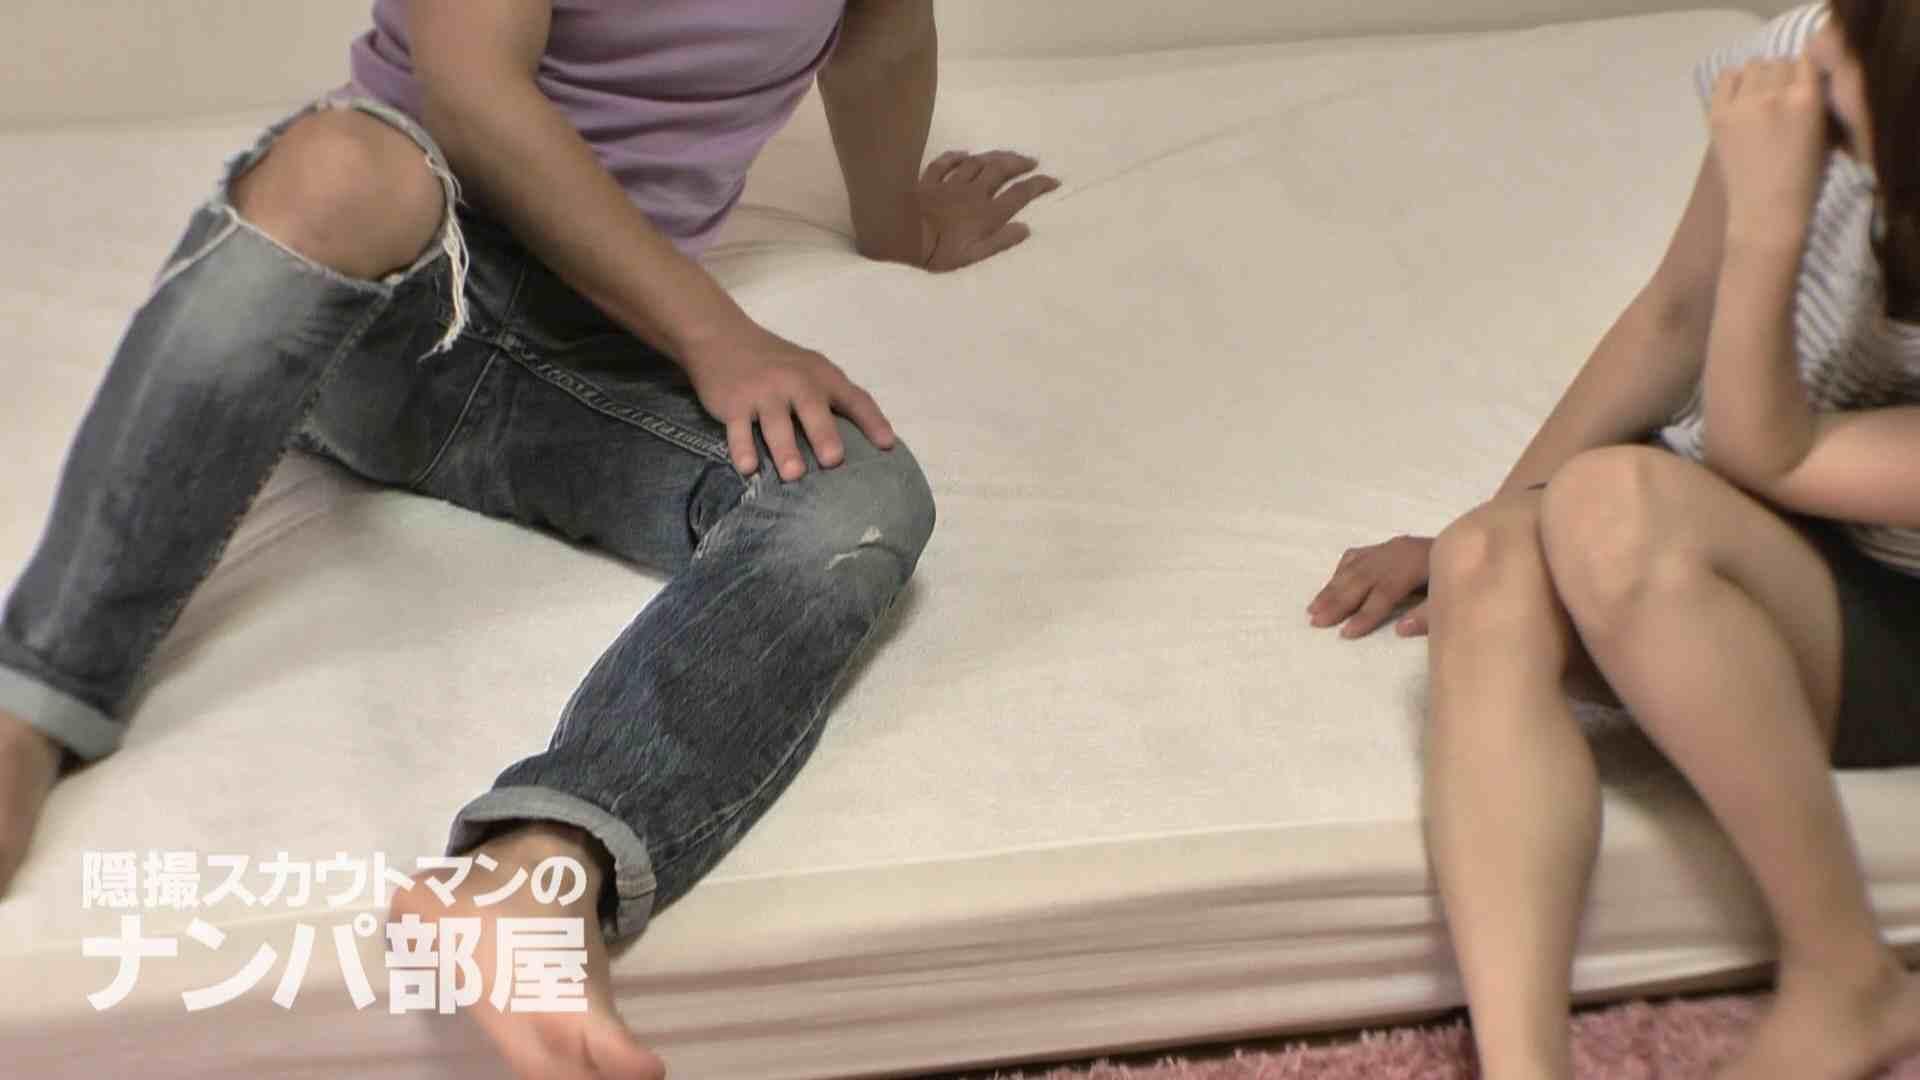 隠撮スカウトマンのナンパ部屋~風俗デビュー前のつまみ食い~ siivol.3 隠撮 | SEXプレイ  105連発 41